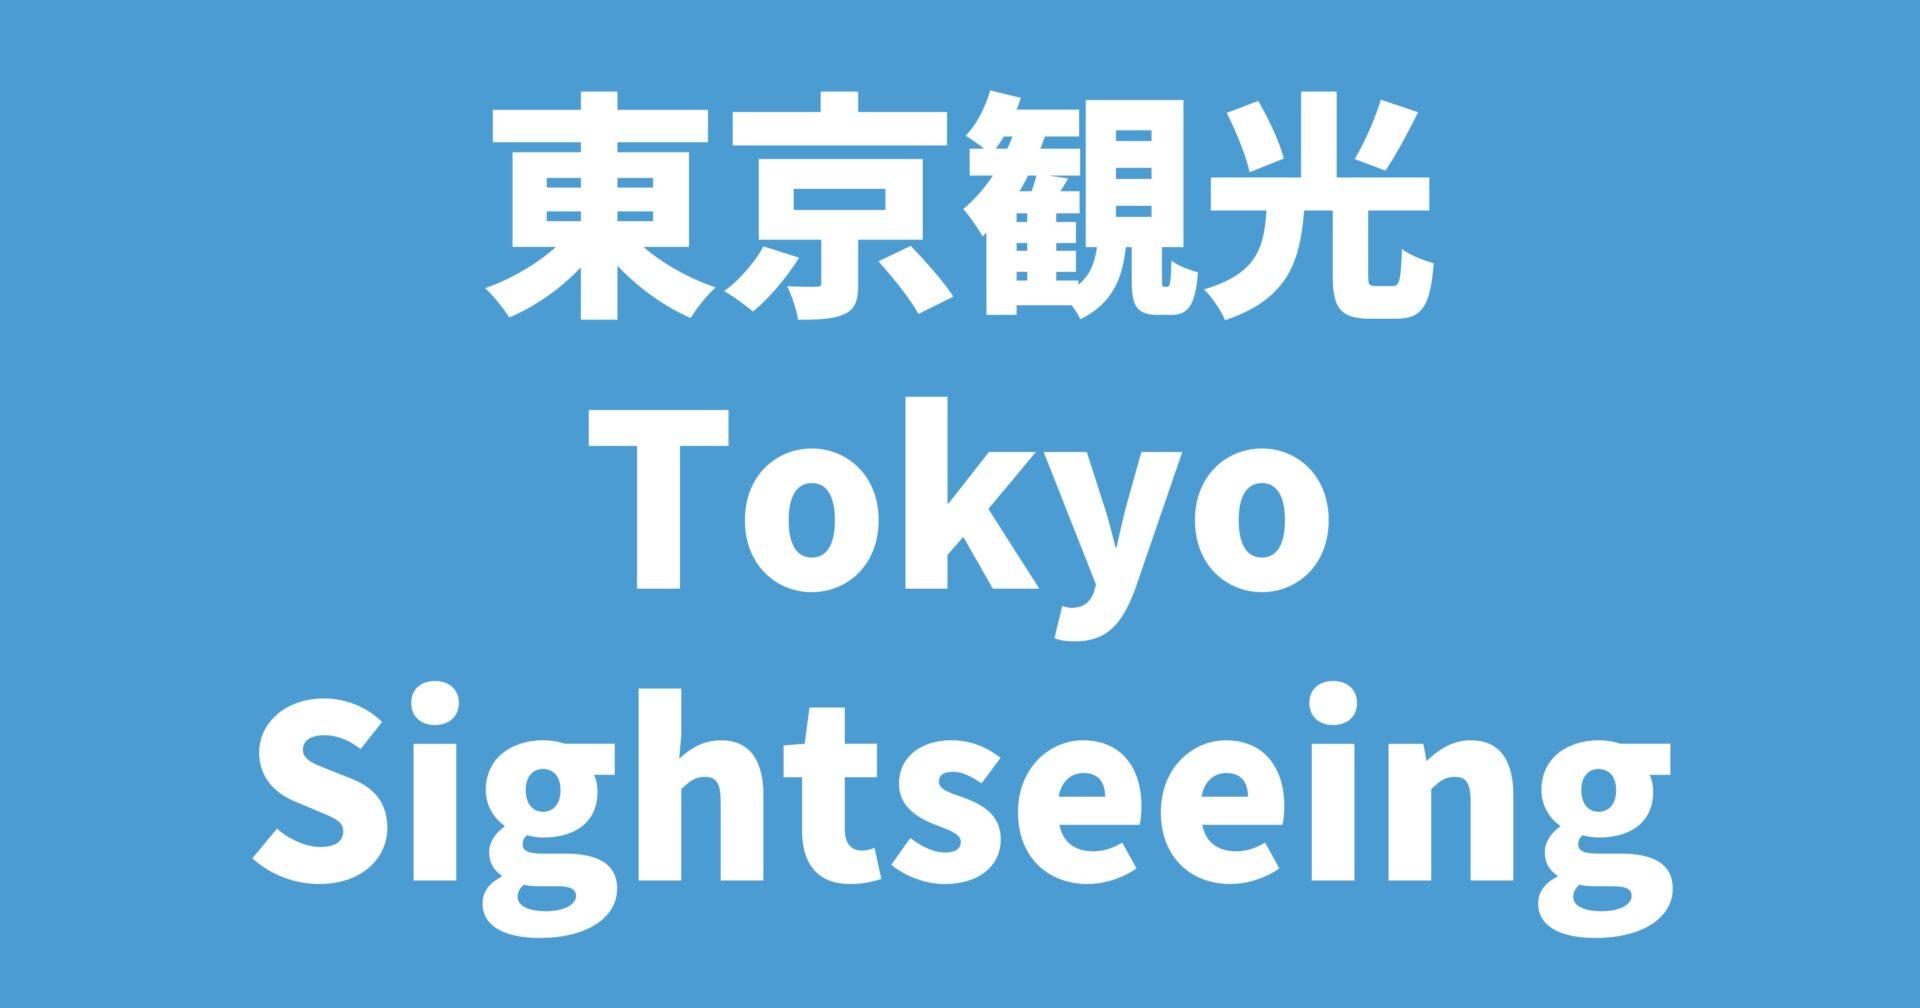 東京観光 / Tokyo Sightseeing